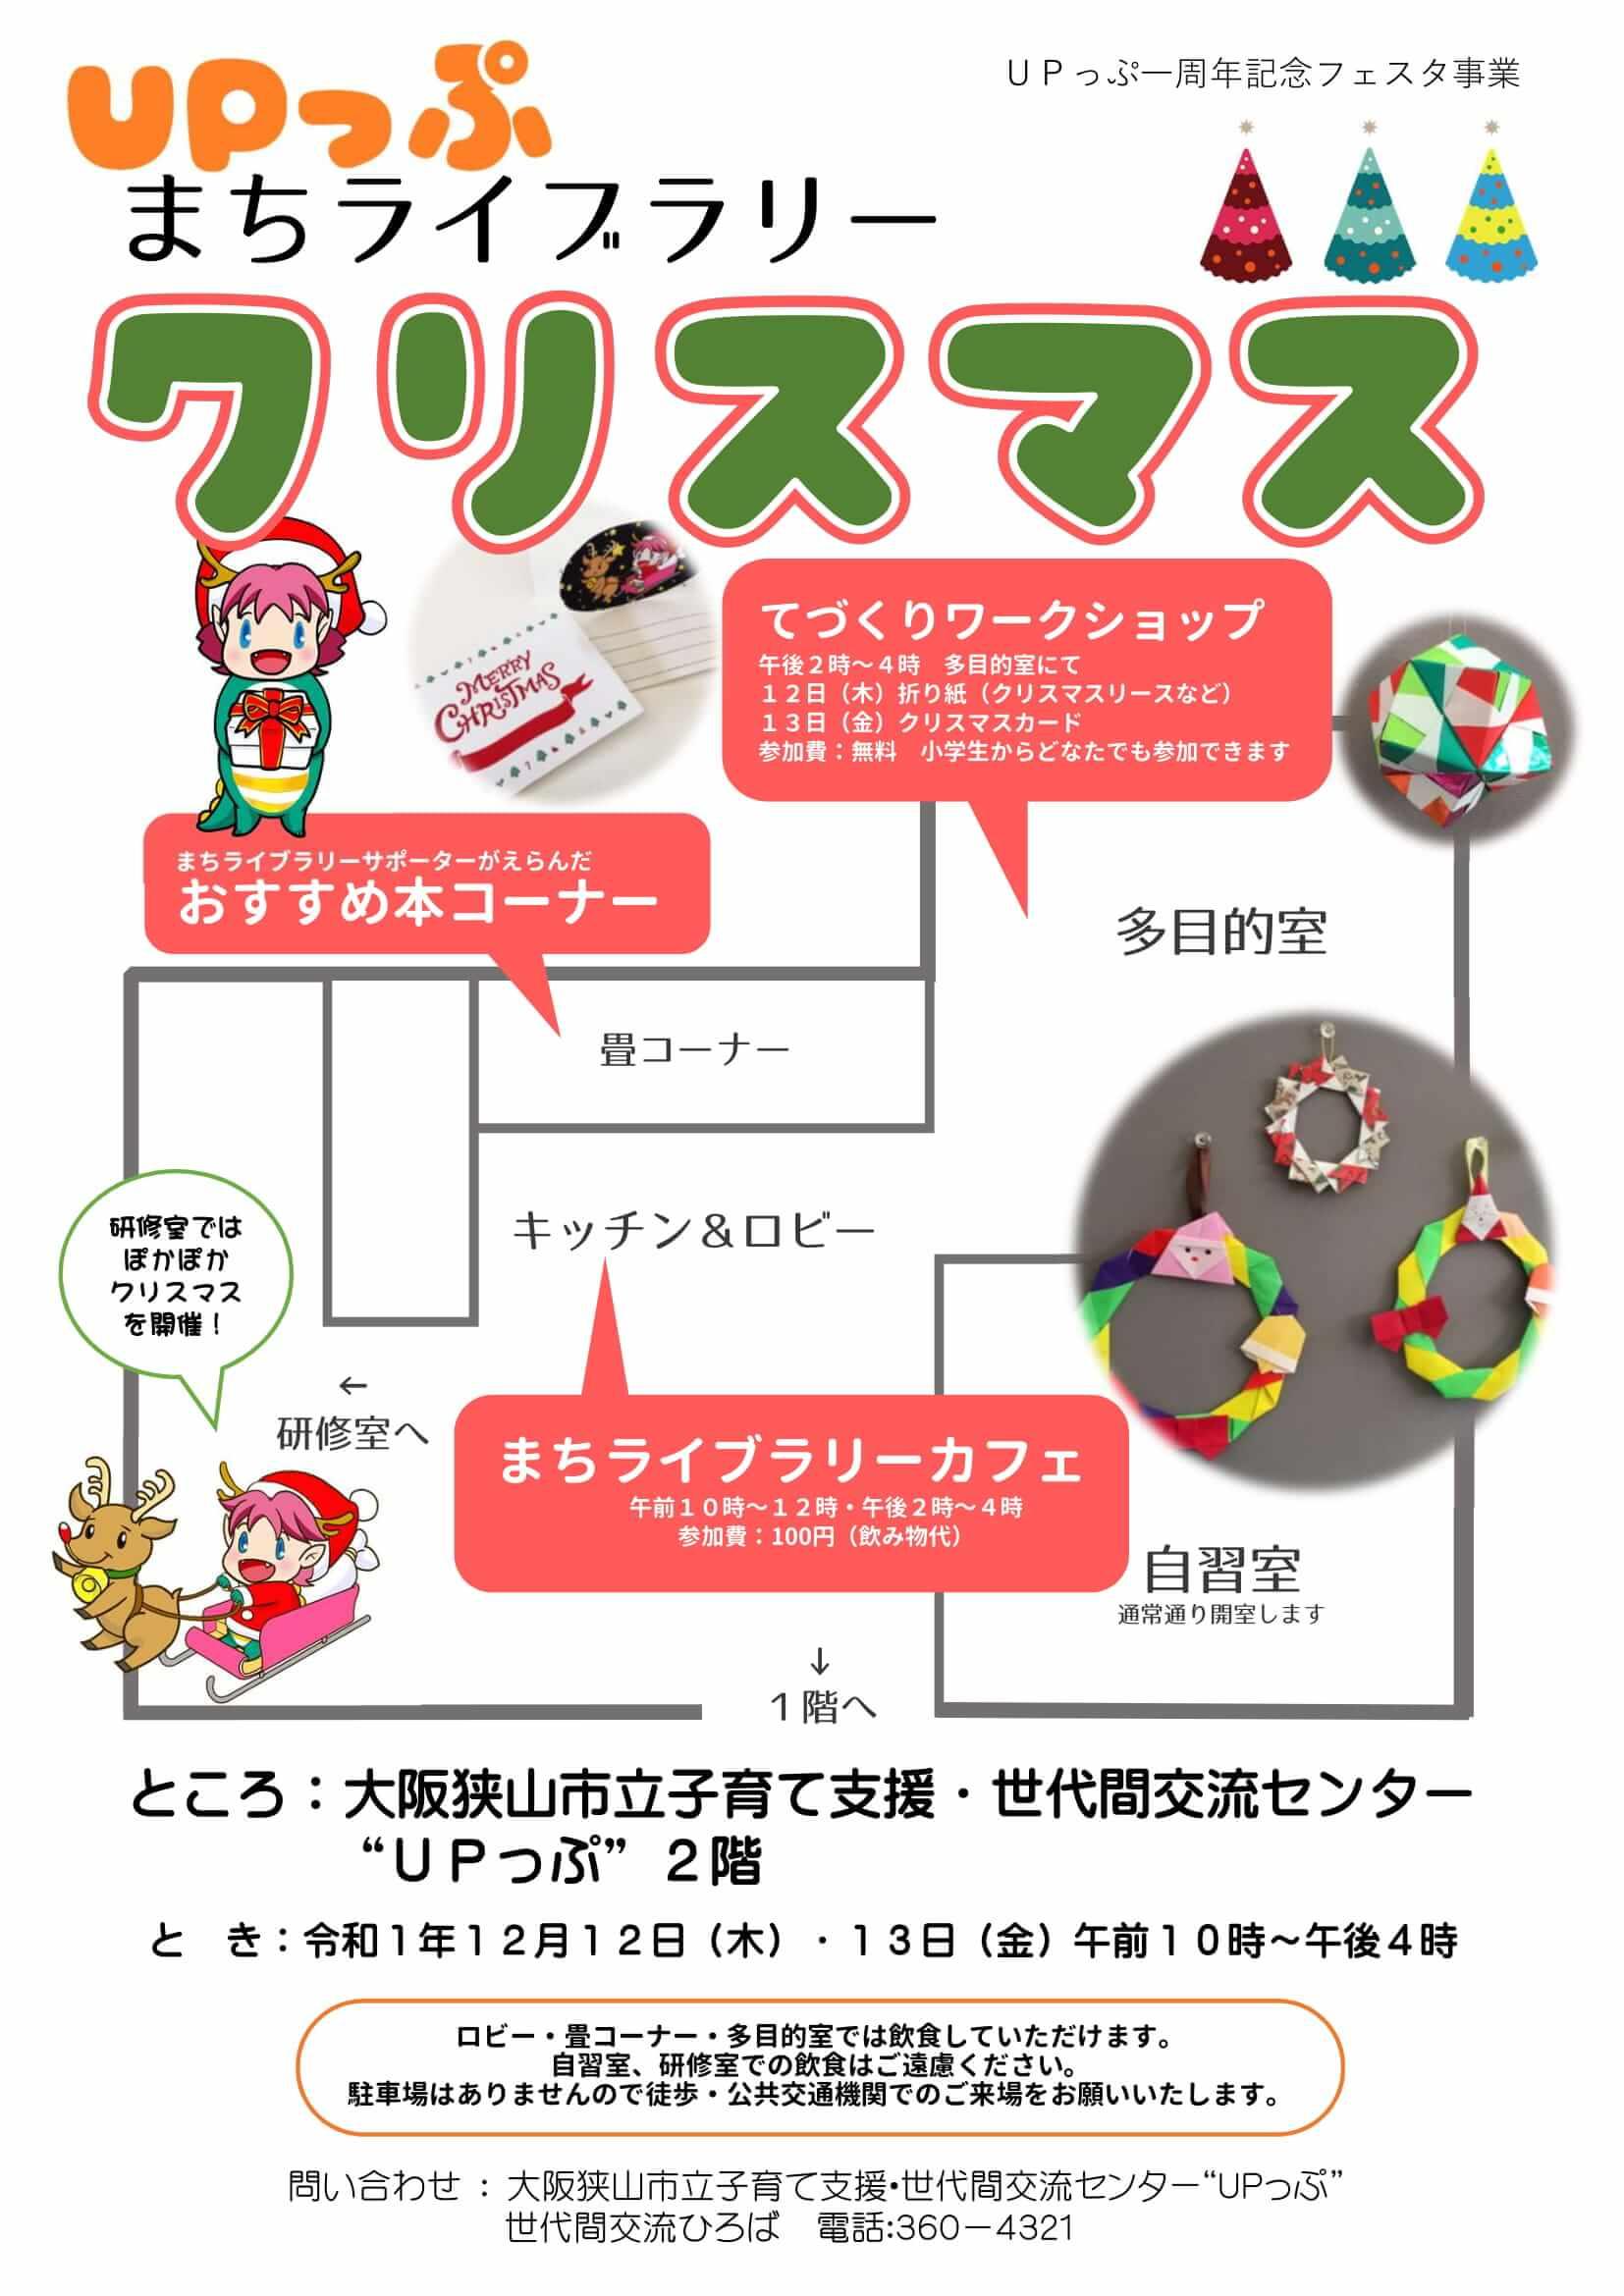 【UPっぷ】「まちライブラリークリスマスイベント」が2019年12月12日・13日に開催されます